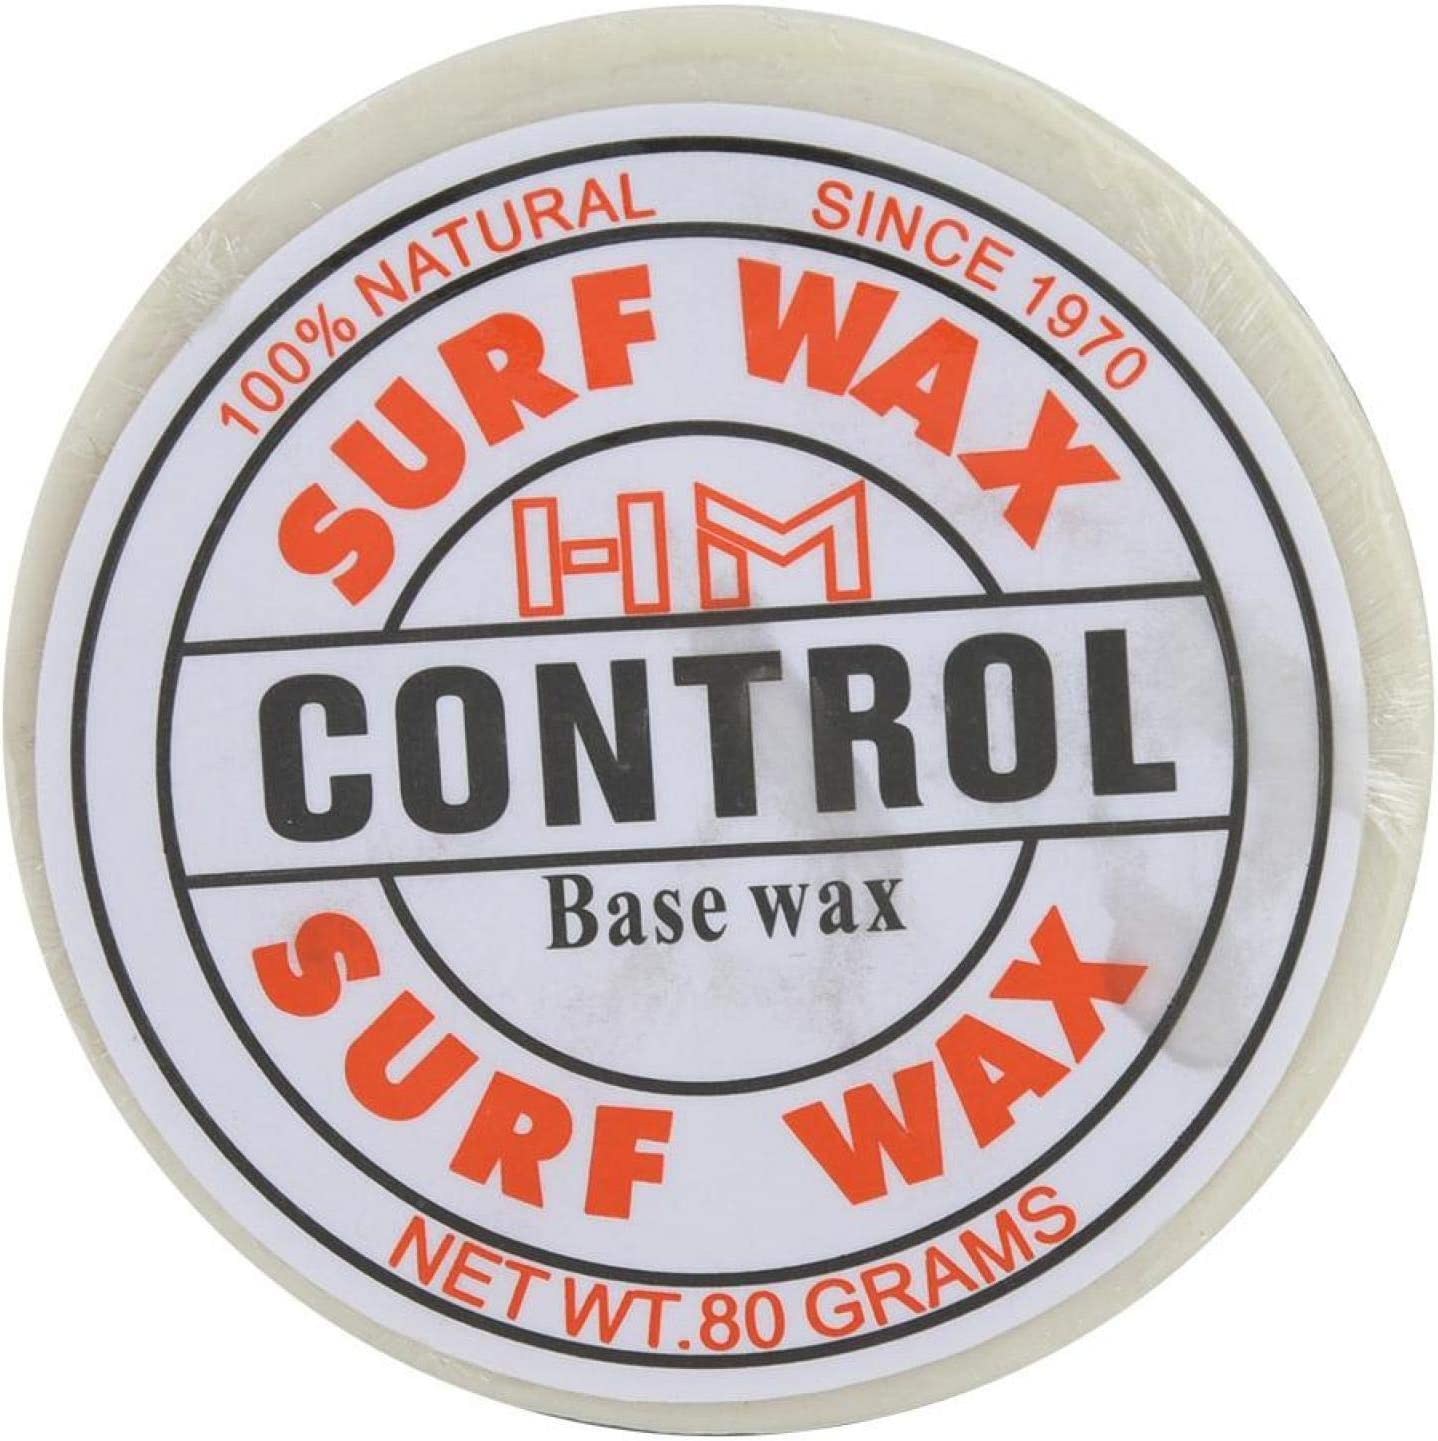 DAUERHAFT Surfwachs f/ür Brettwachs Surfbrett-Wartungswachs tragbare Wassertemperaturwachse rutschfeste Skateboardwachs rutschfestes Wachs Surfbrettzubeh/ör